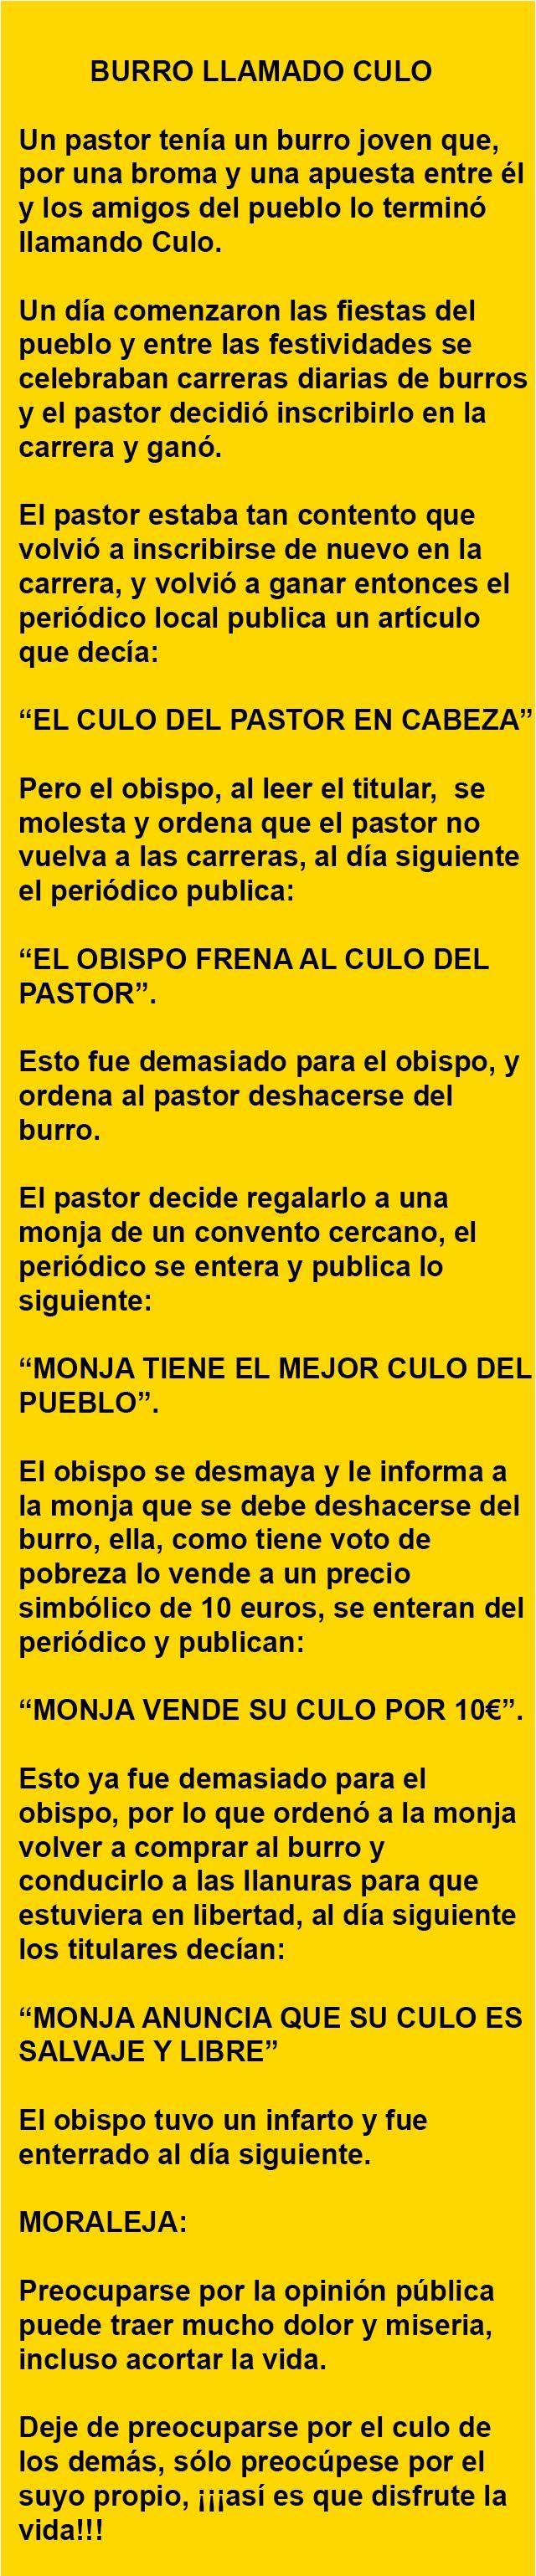 BURRO LLAMADO CULO… | AldeaViral